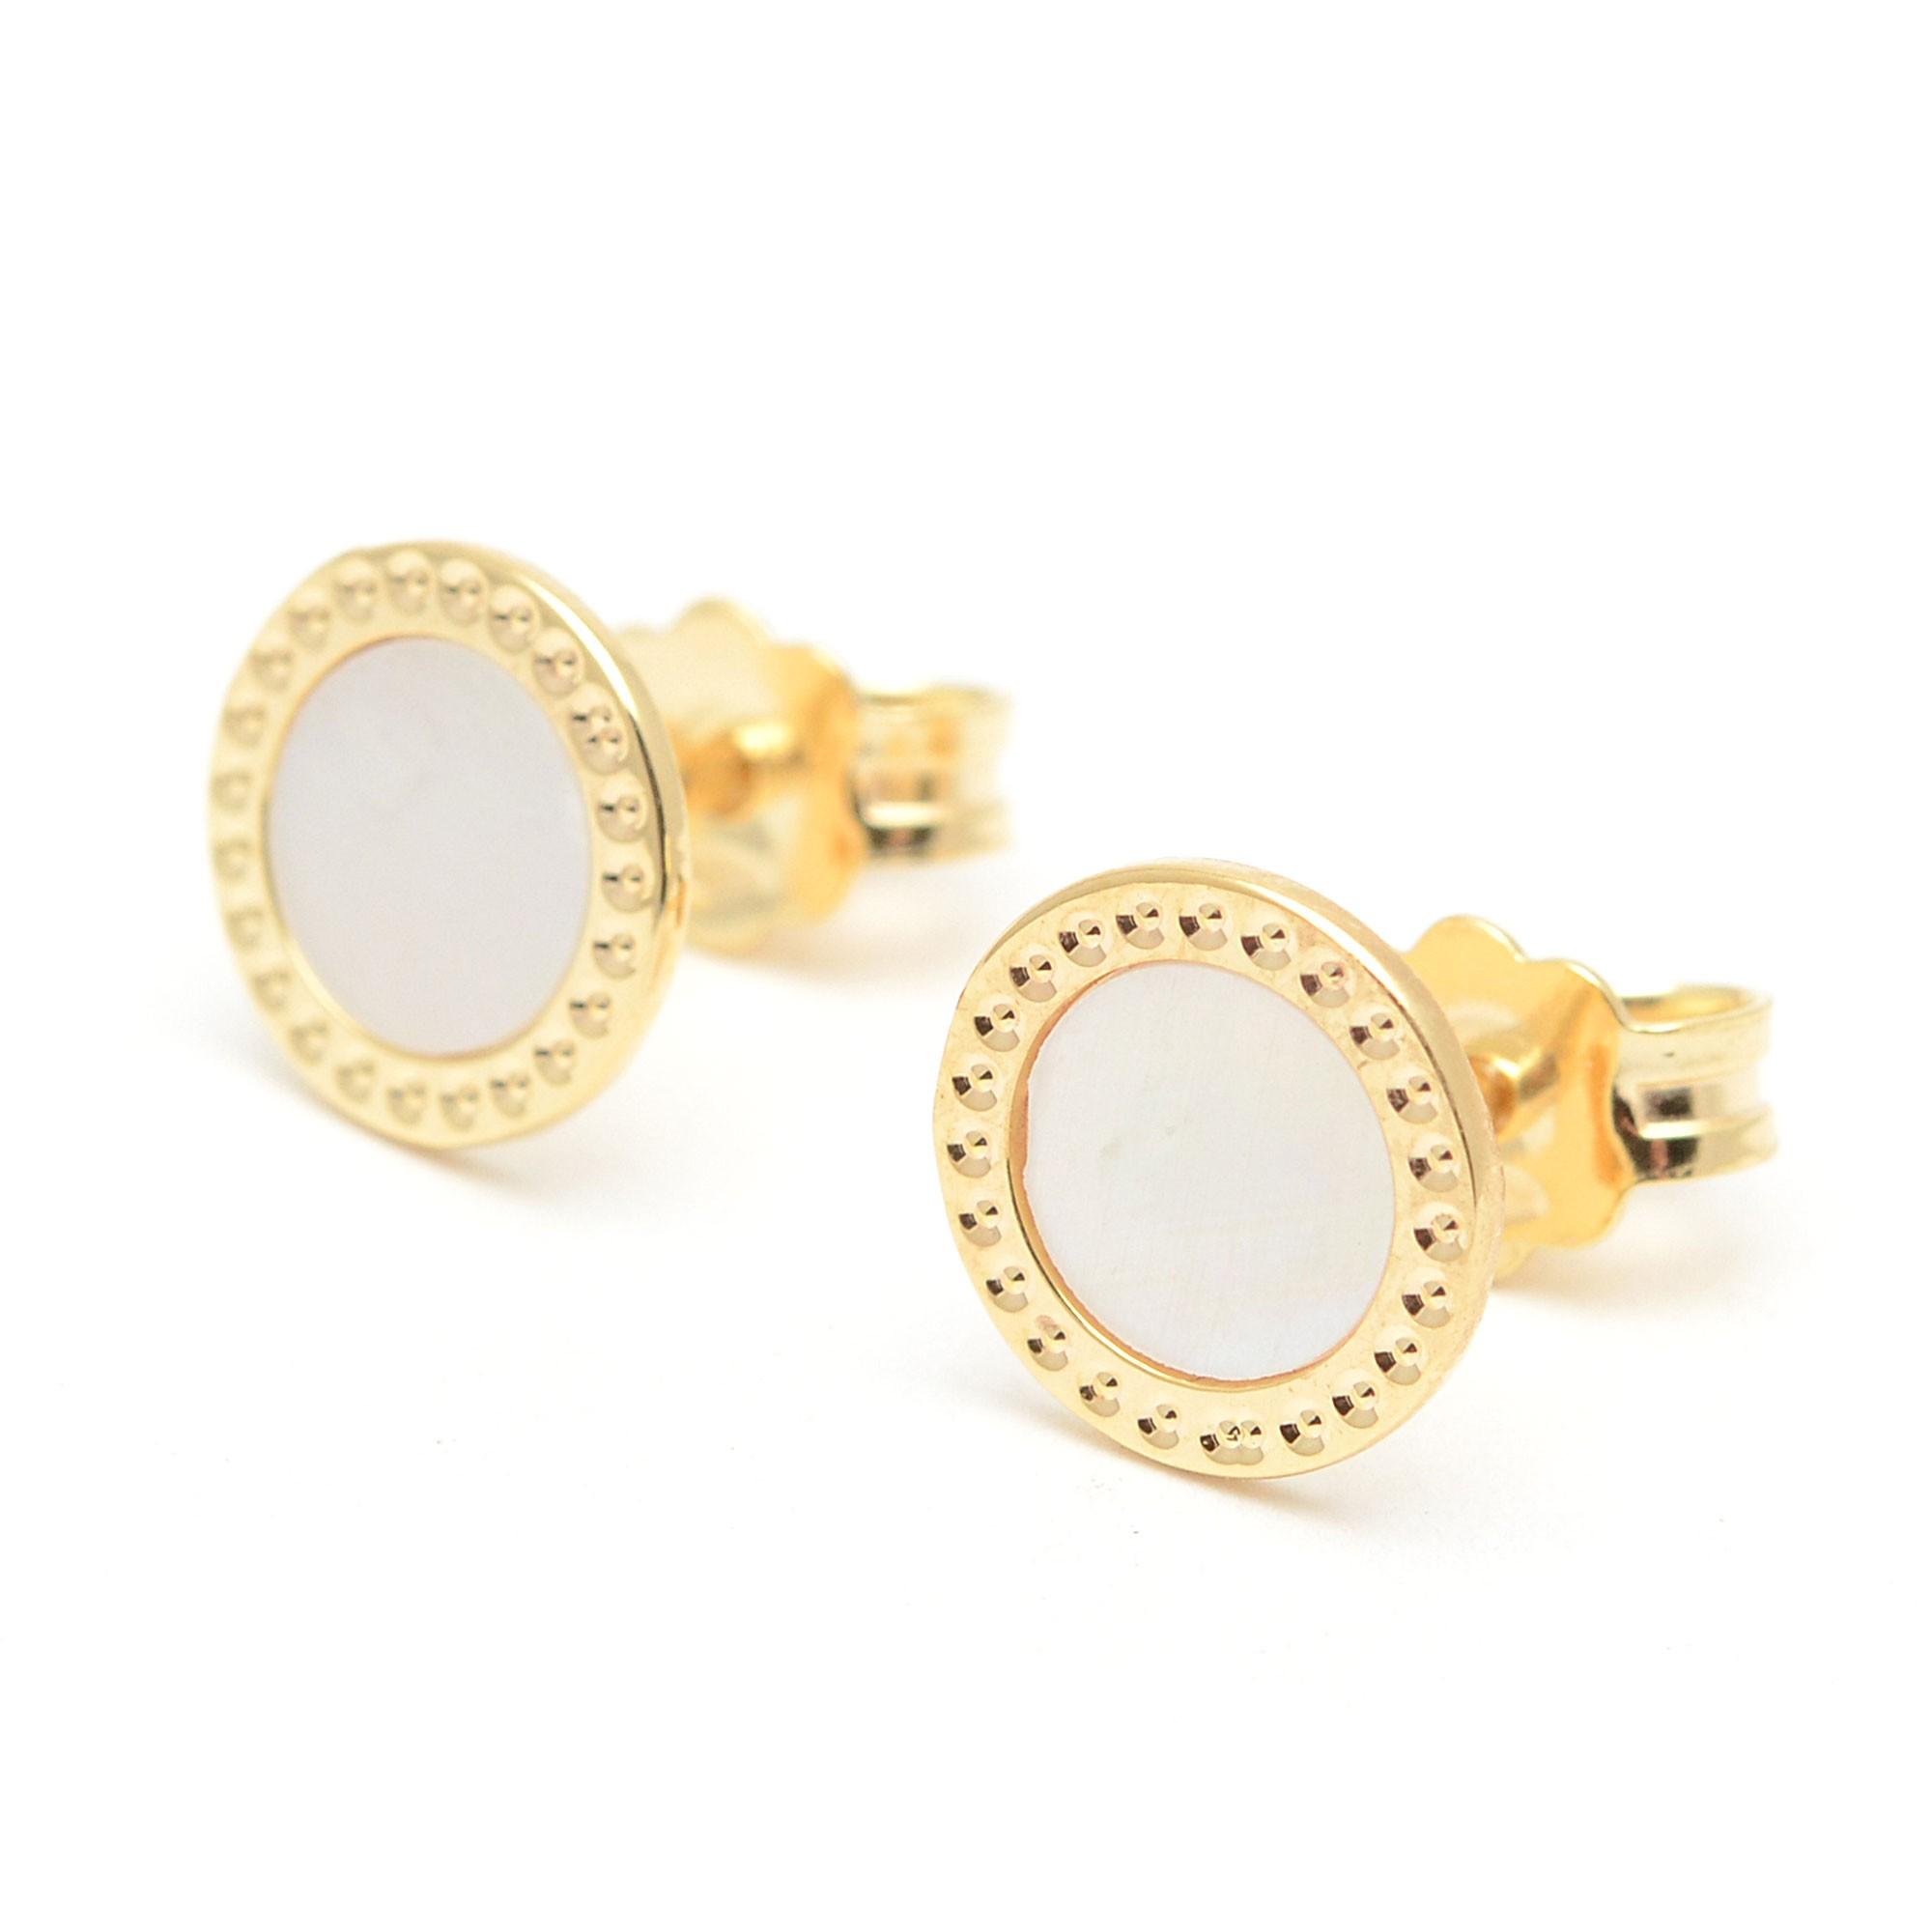 e81b2ada4d87 Pendientes de oro redondos de nácar blanco